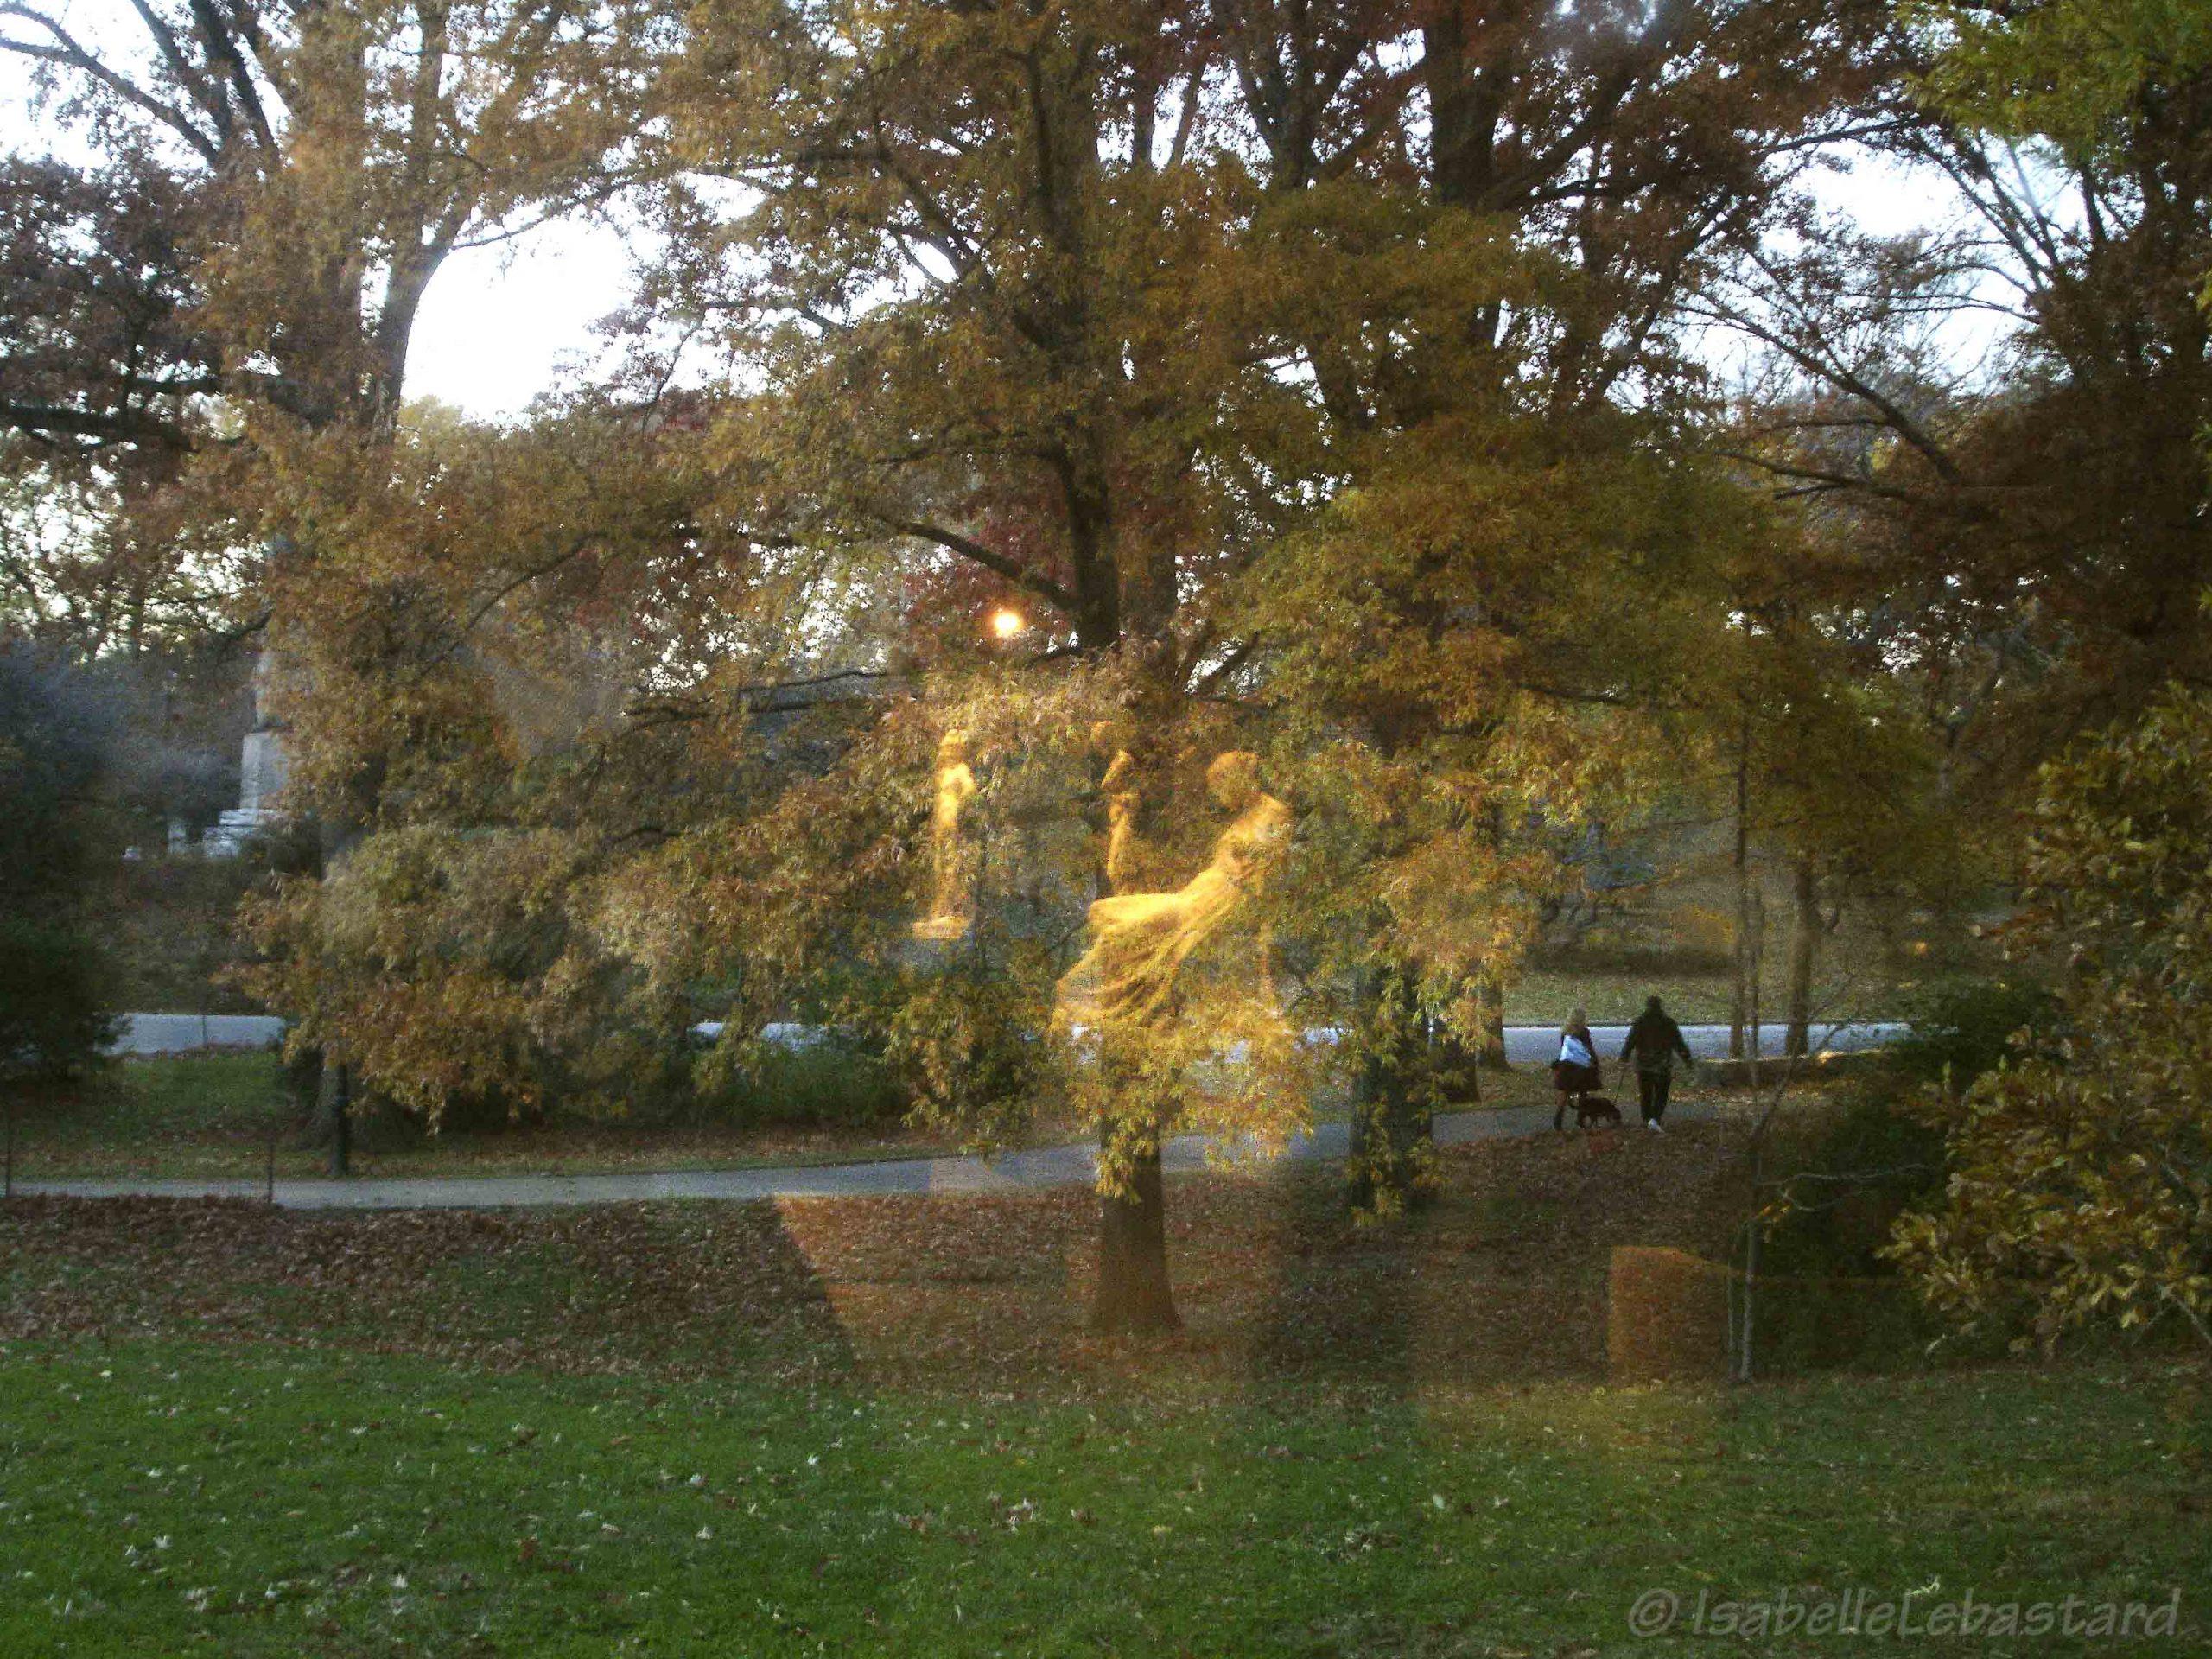 Fantômes dans le parc